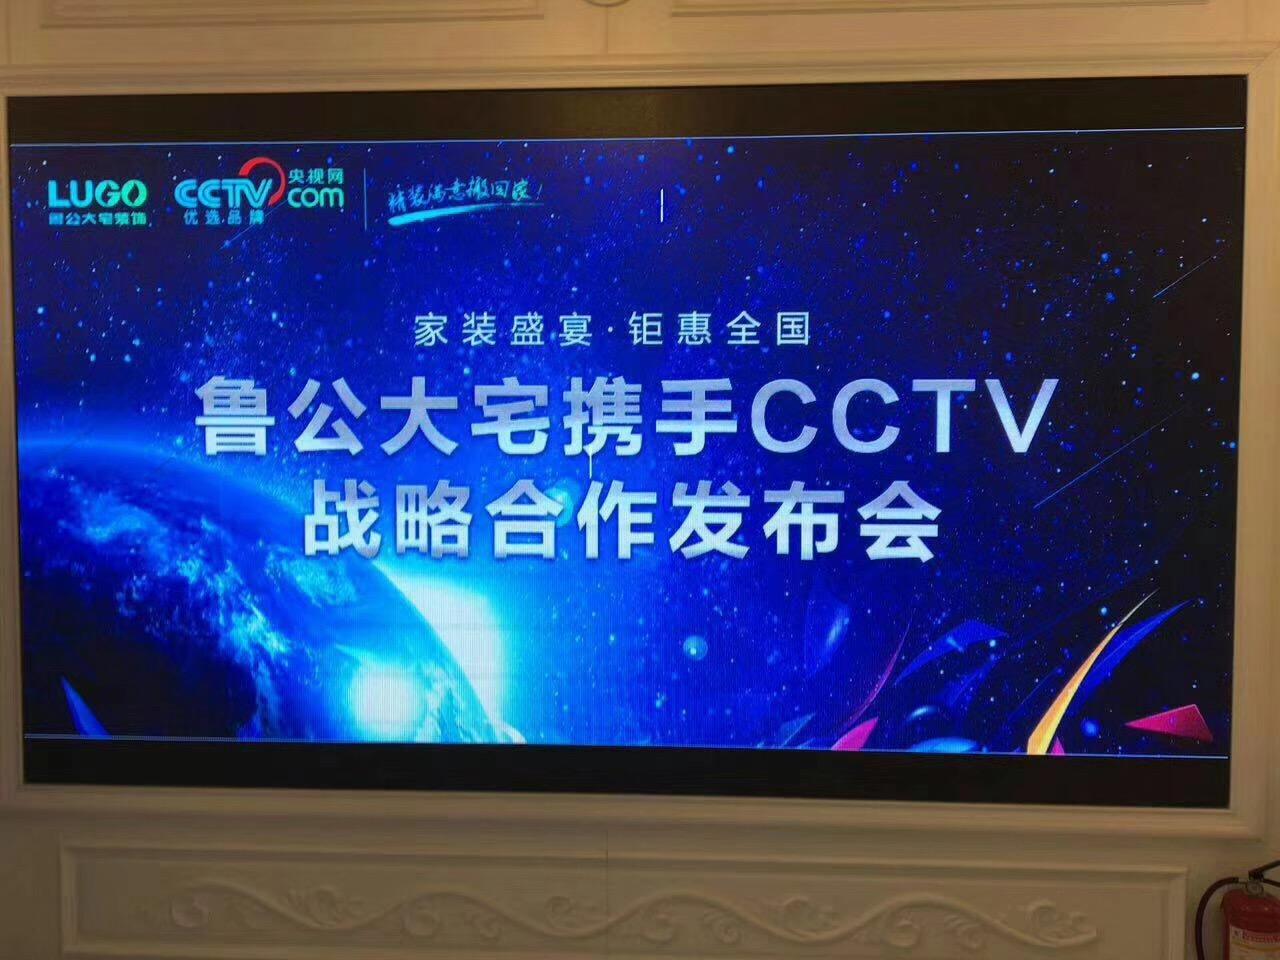 鲁公大宅携手CCTV推出整装5.0上线